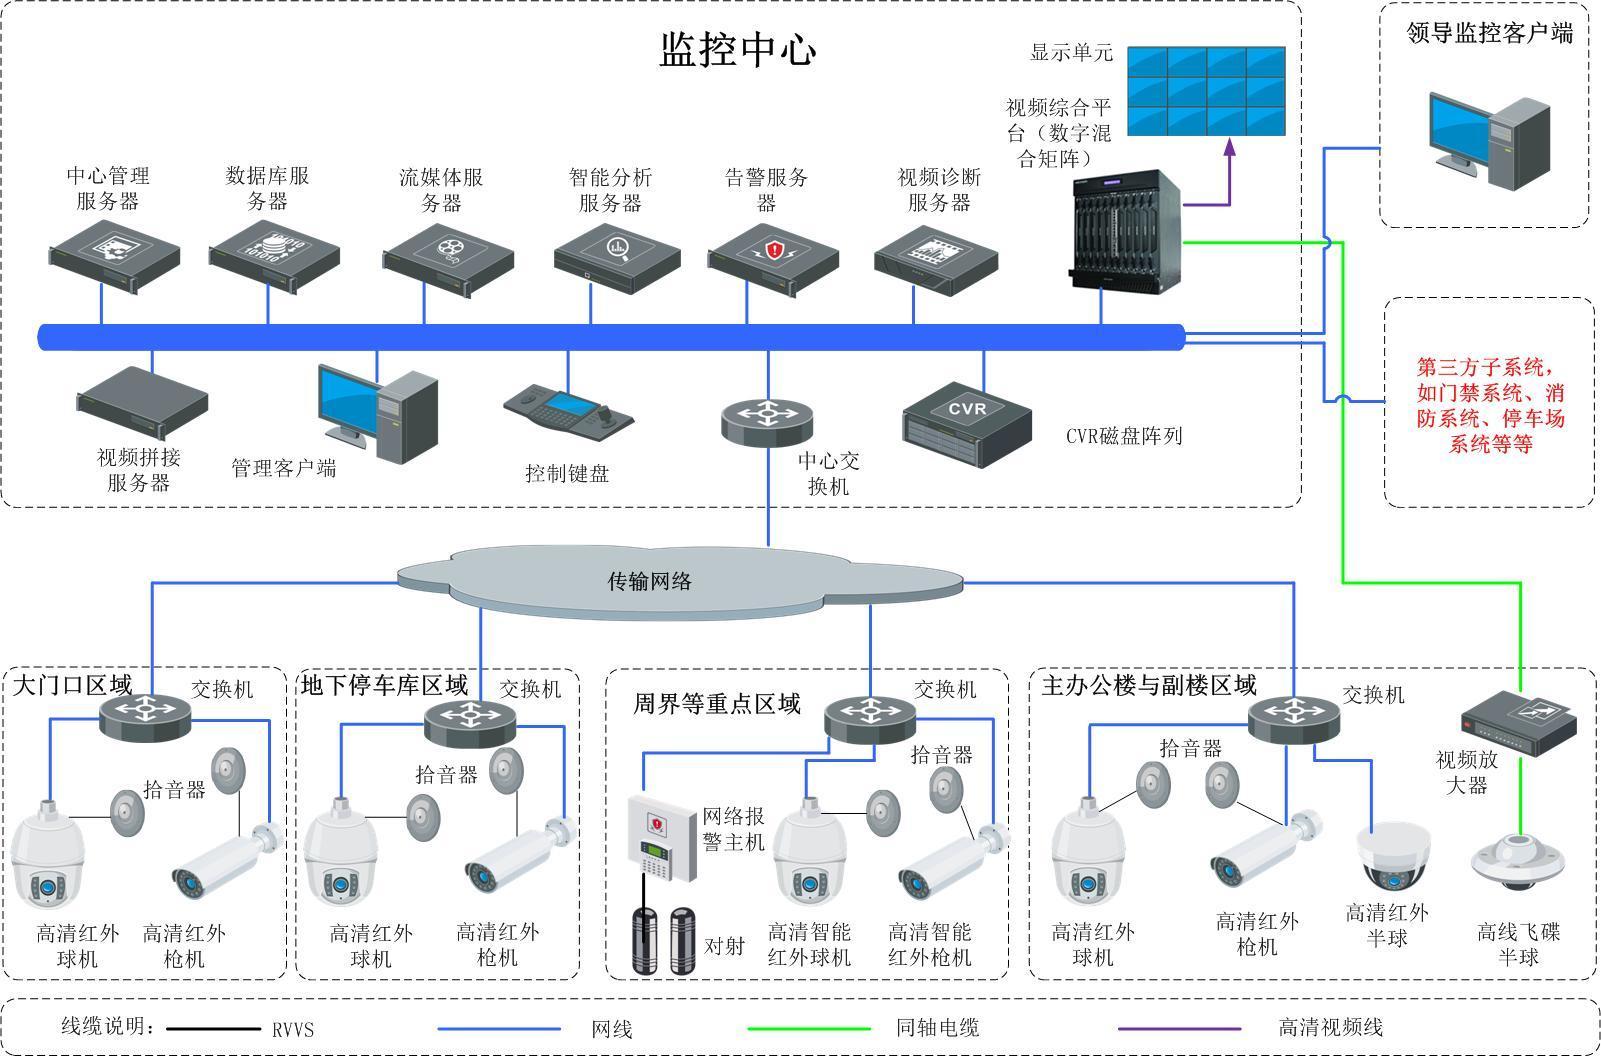 智能高清视频监控系统